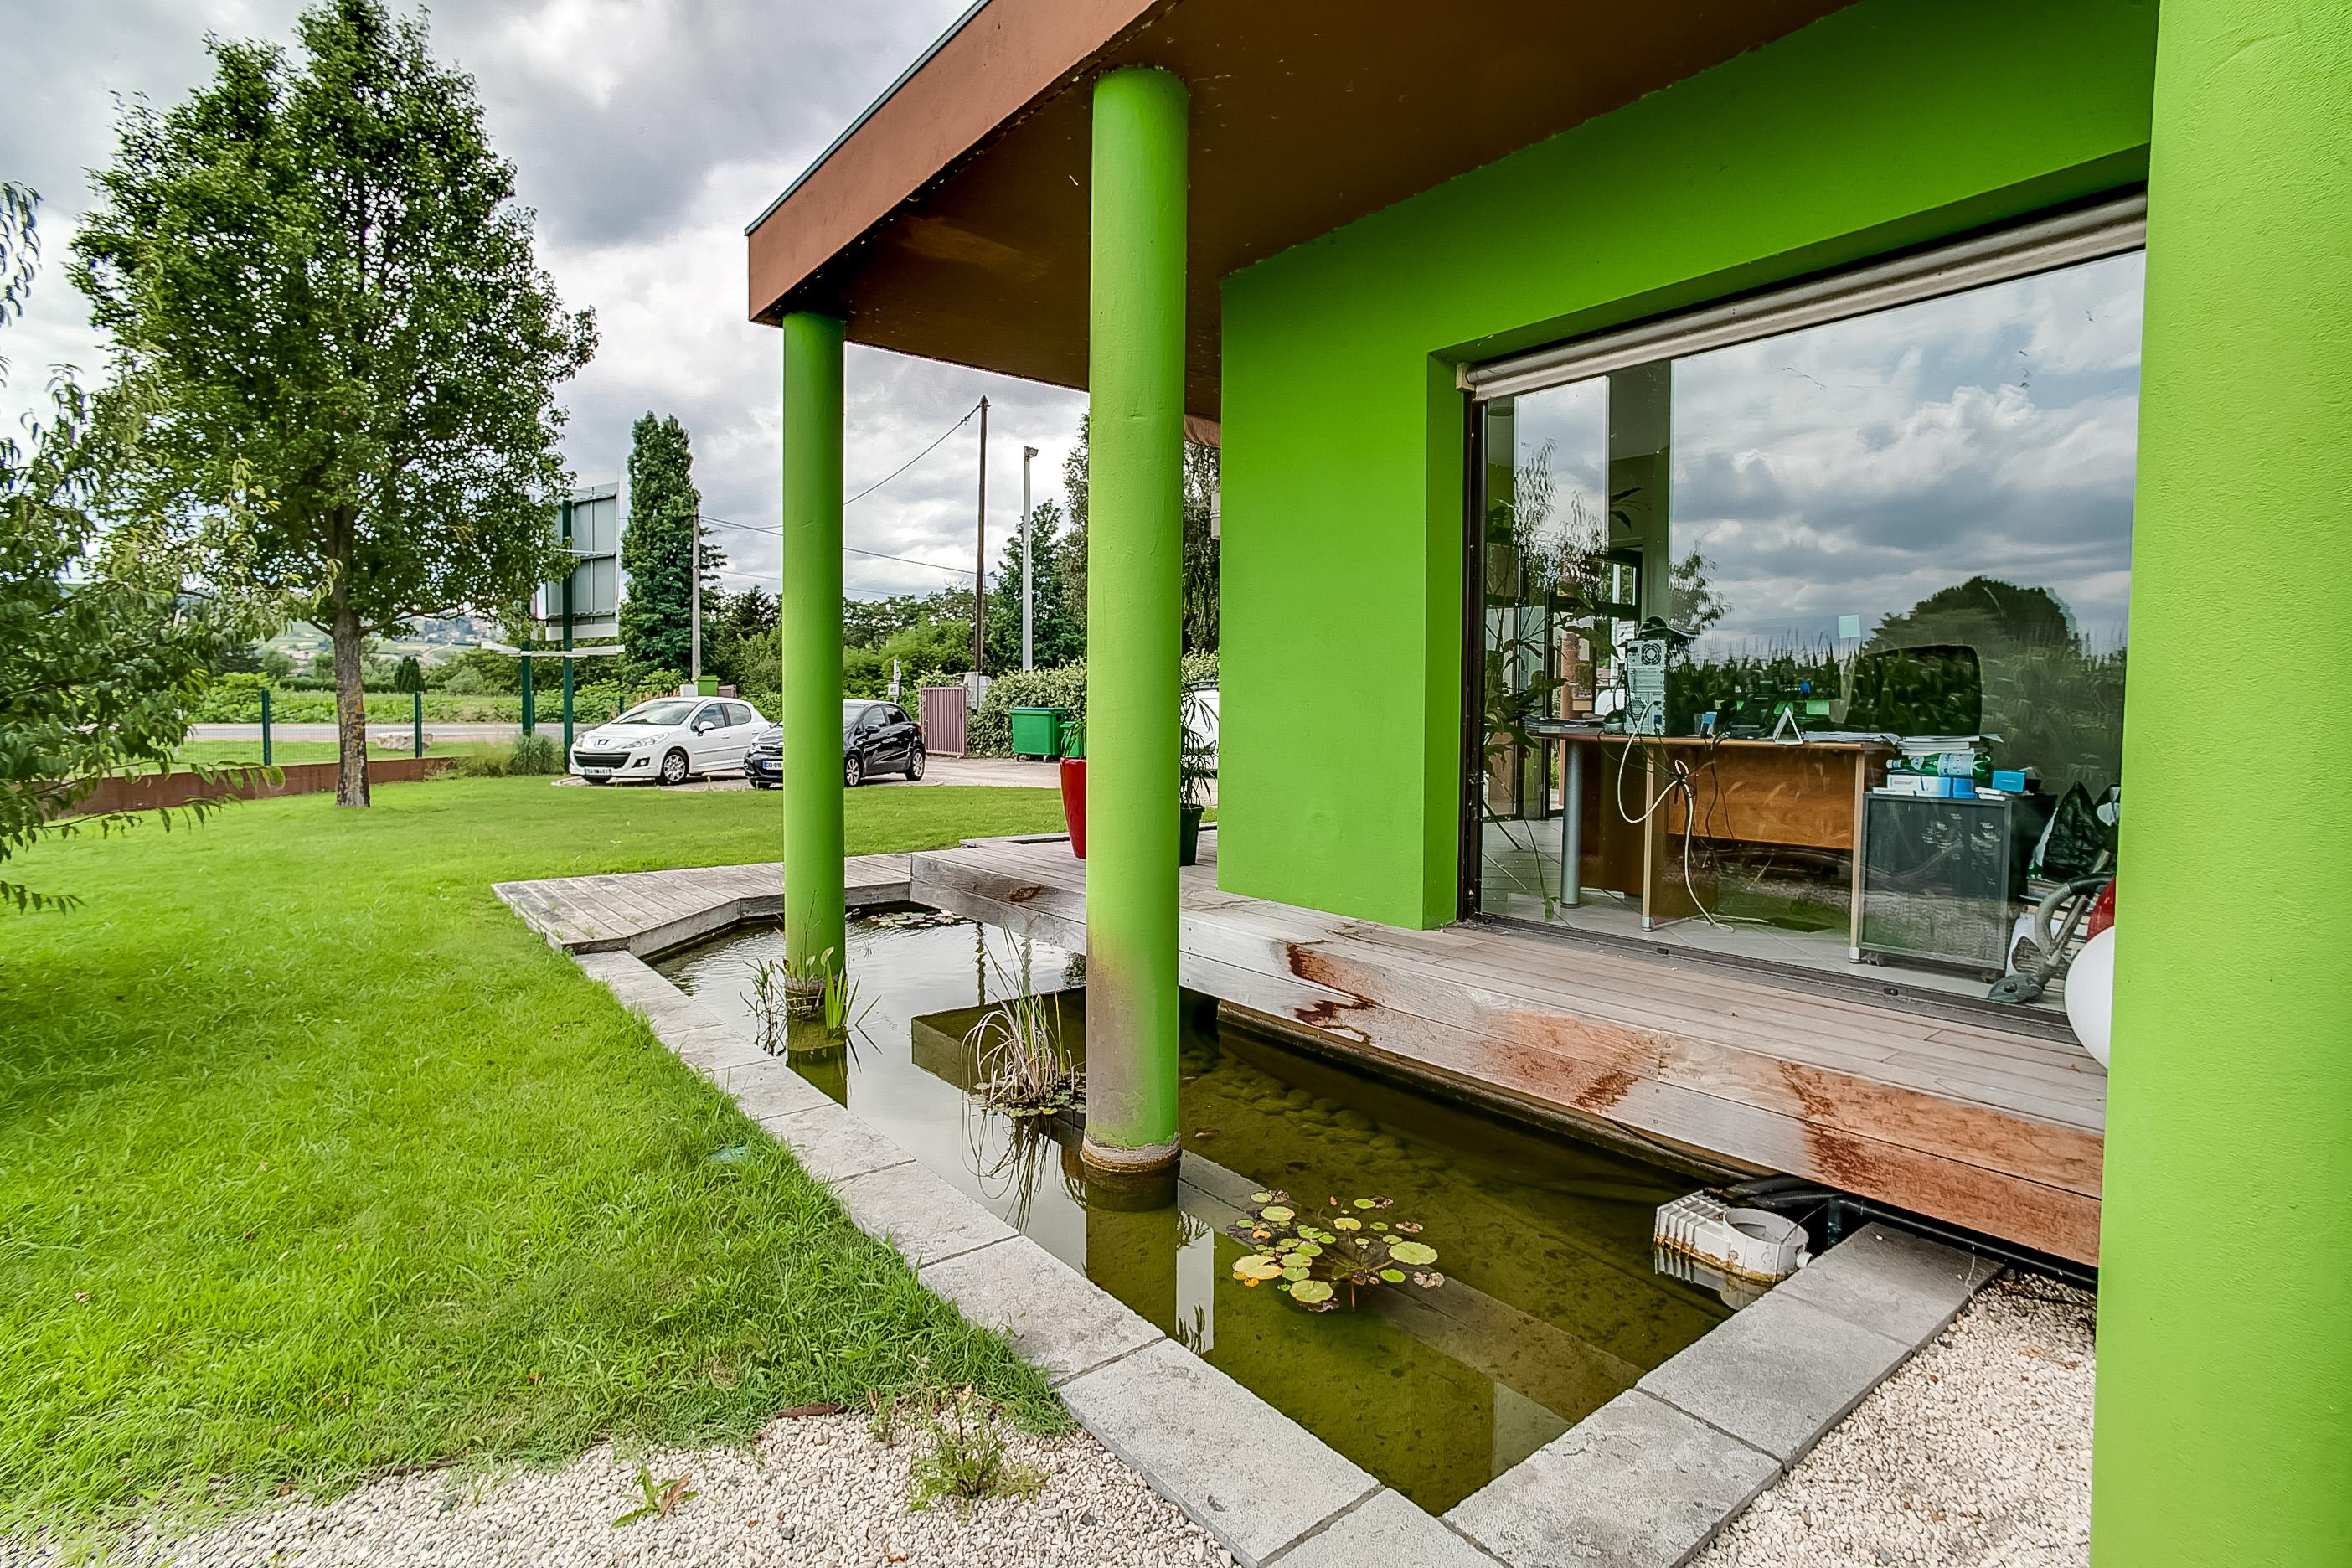 Am nagement paysager et espaces verts villefranche sur for Construction bassin aquatique